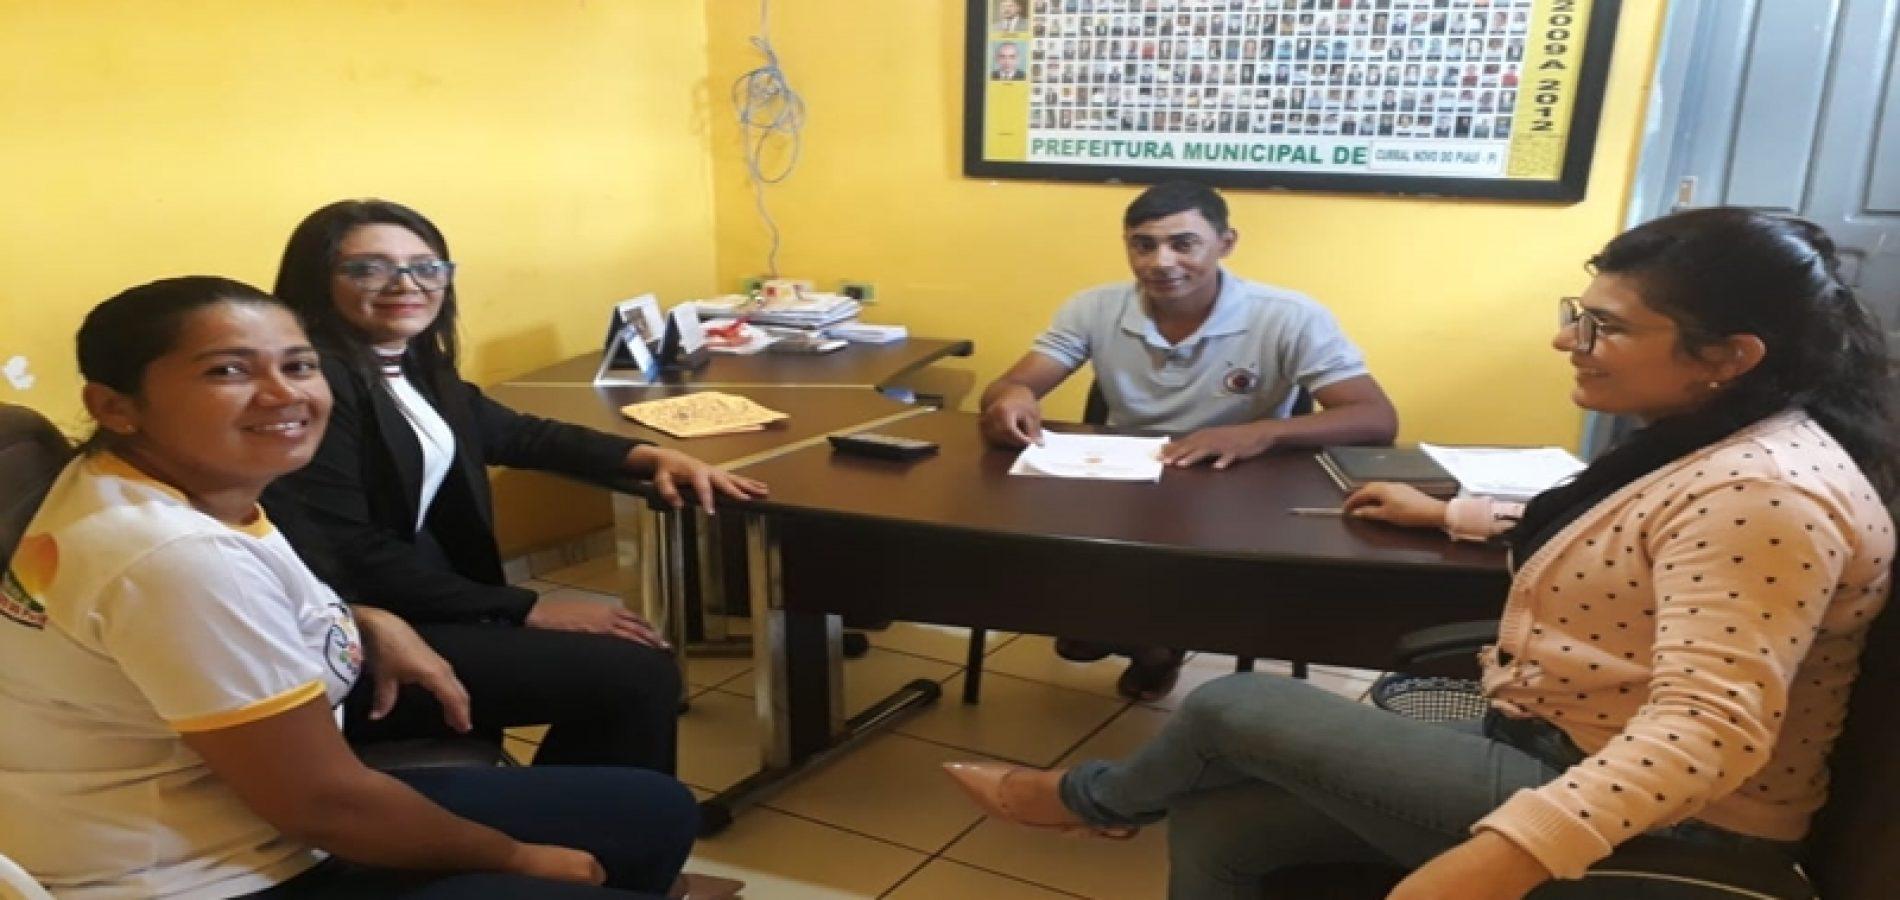 CURRAL NOVO| Prefeito Júnior de Abel aprova Plano Municipal de enfrentamento à violência sexual contra crianças e adolescentes